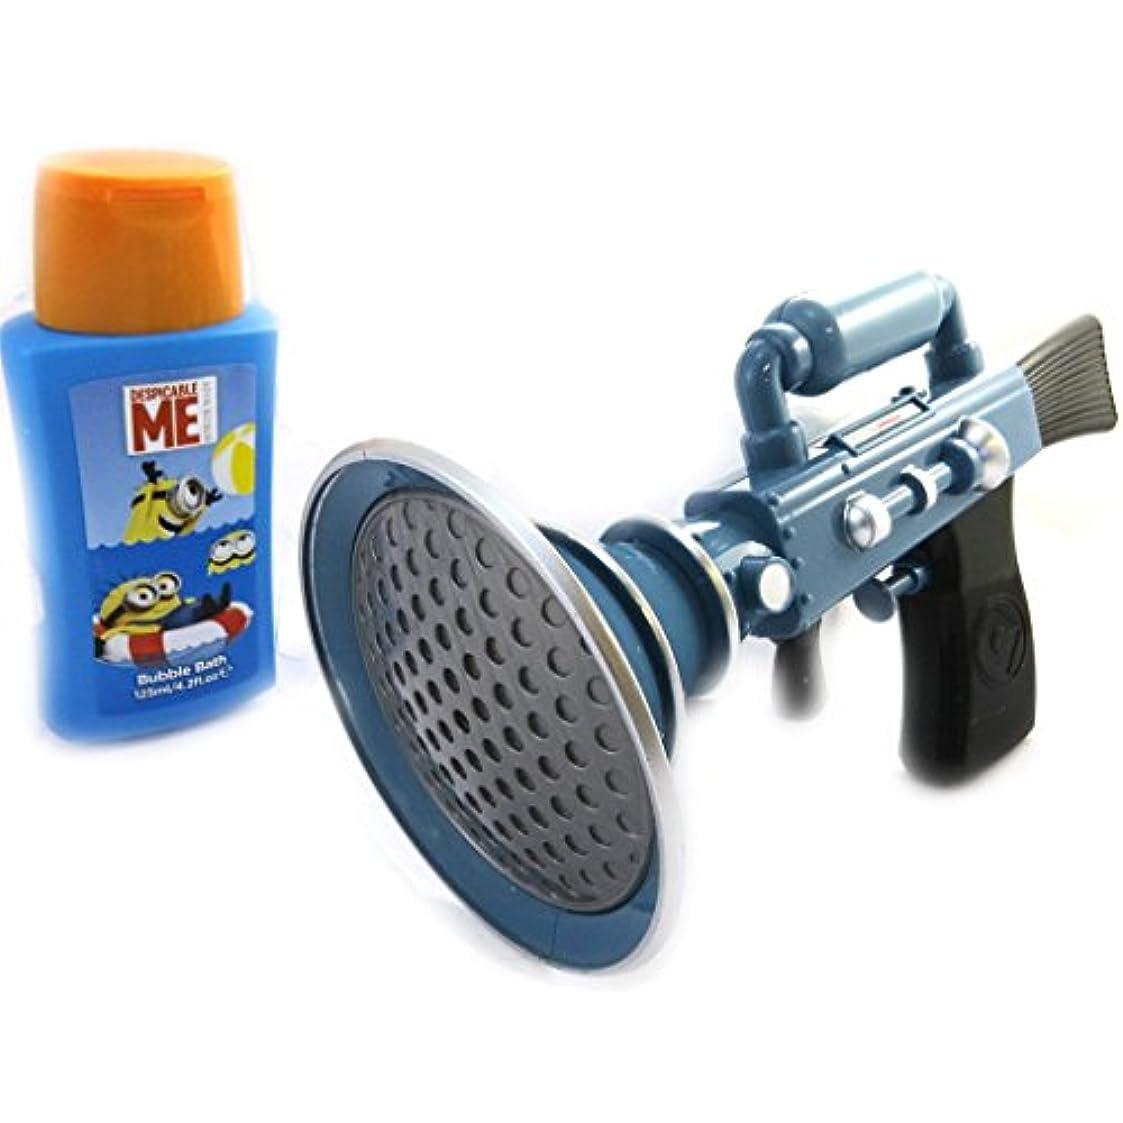 期待して織機セーター[Minions (Minions)] (Minions コレクション) [M9070] ボディソープ ブルー